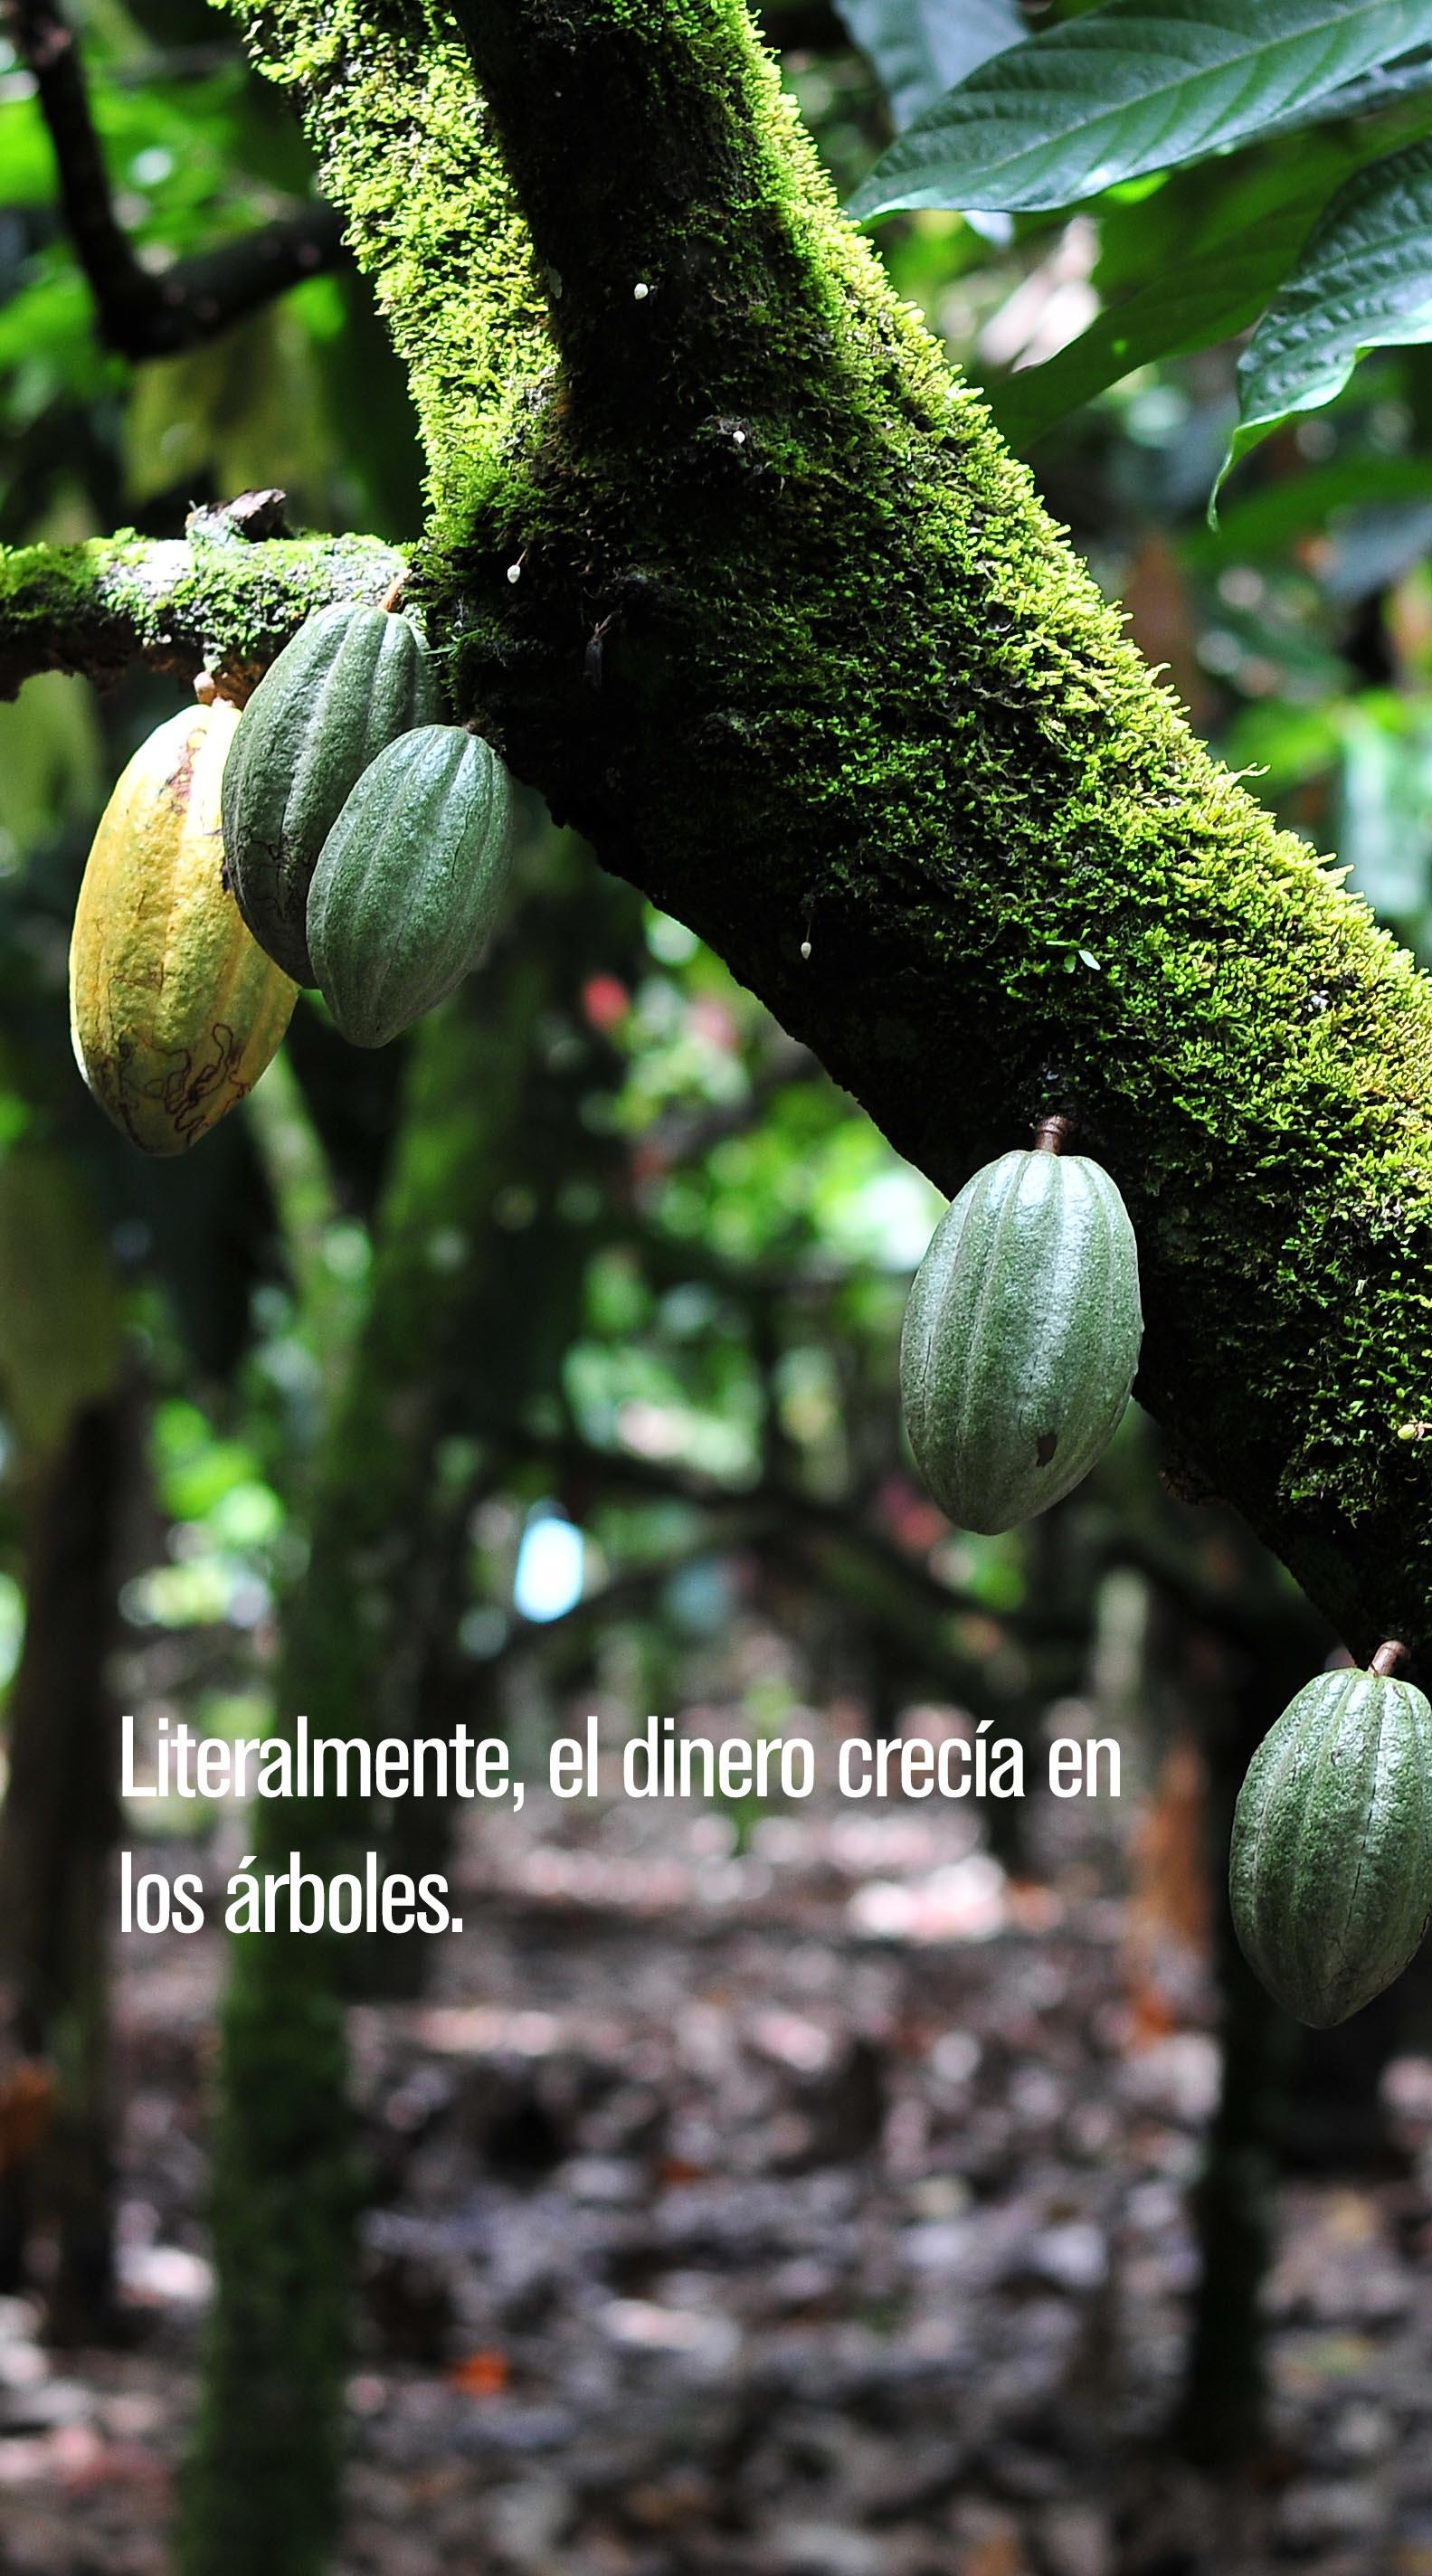 #Cuentosdechocolate #FFJMag